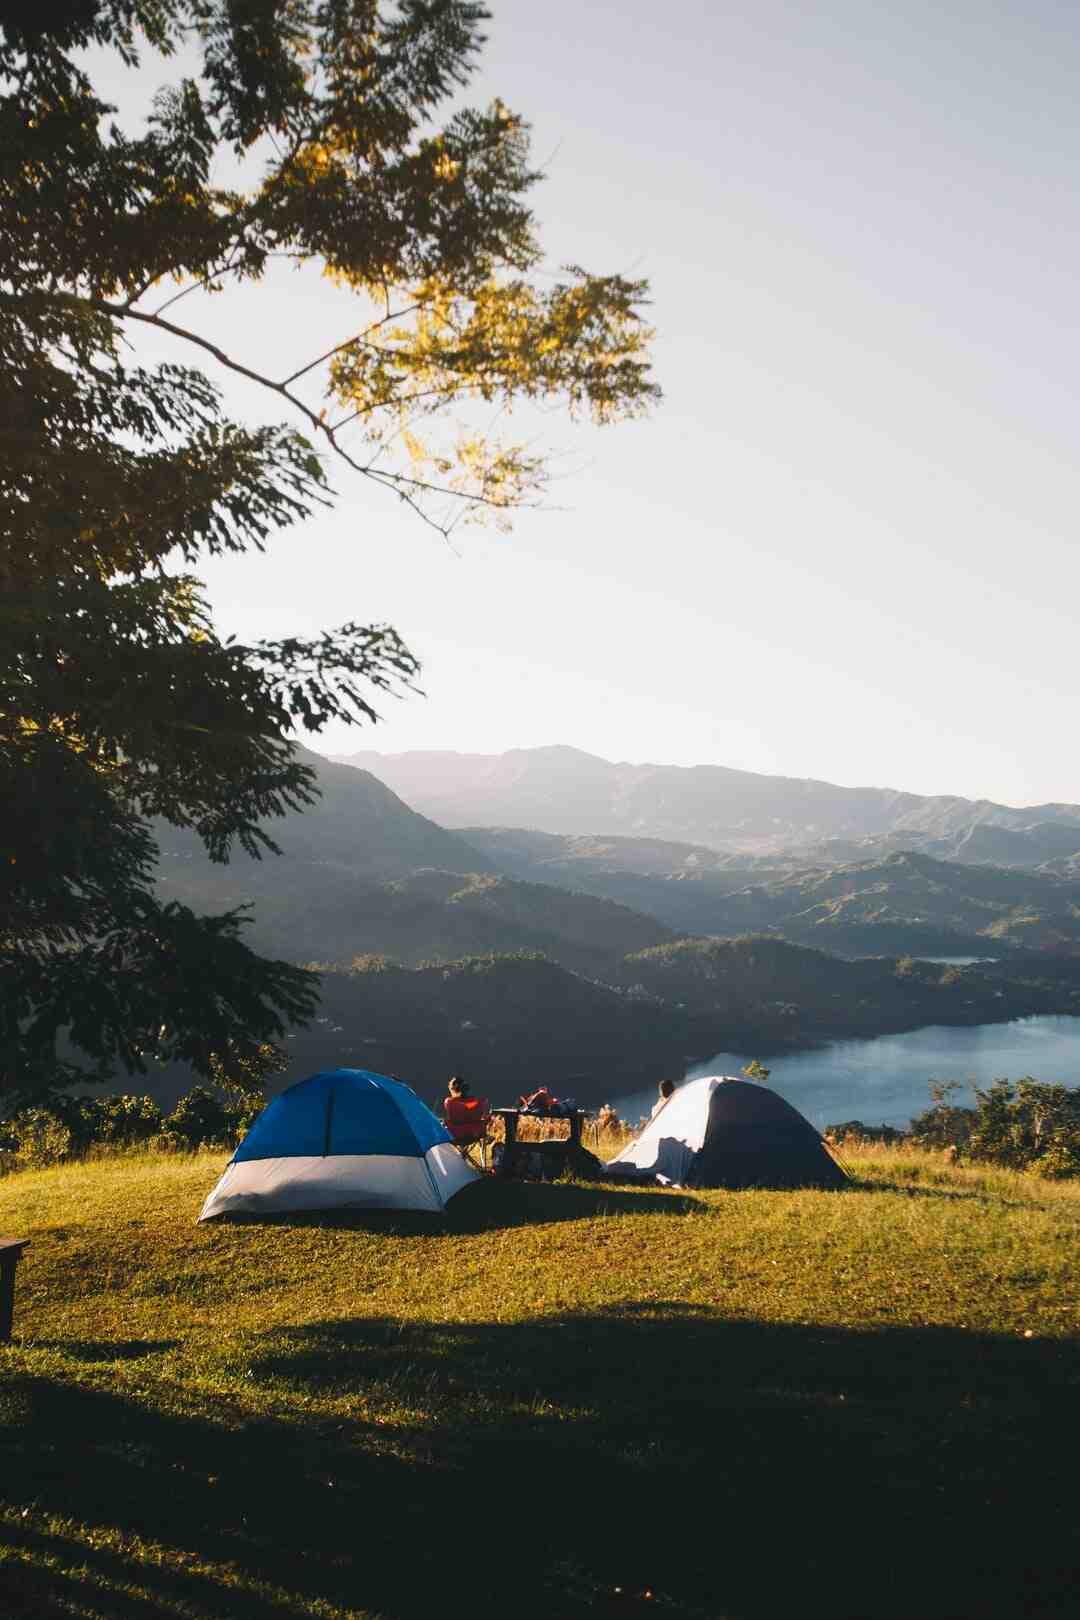 Comment faire pour devenir gérant d'un camping ?